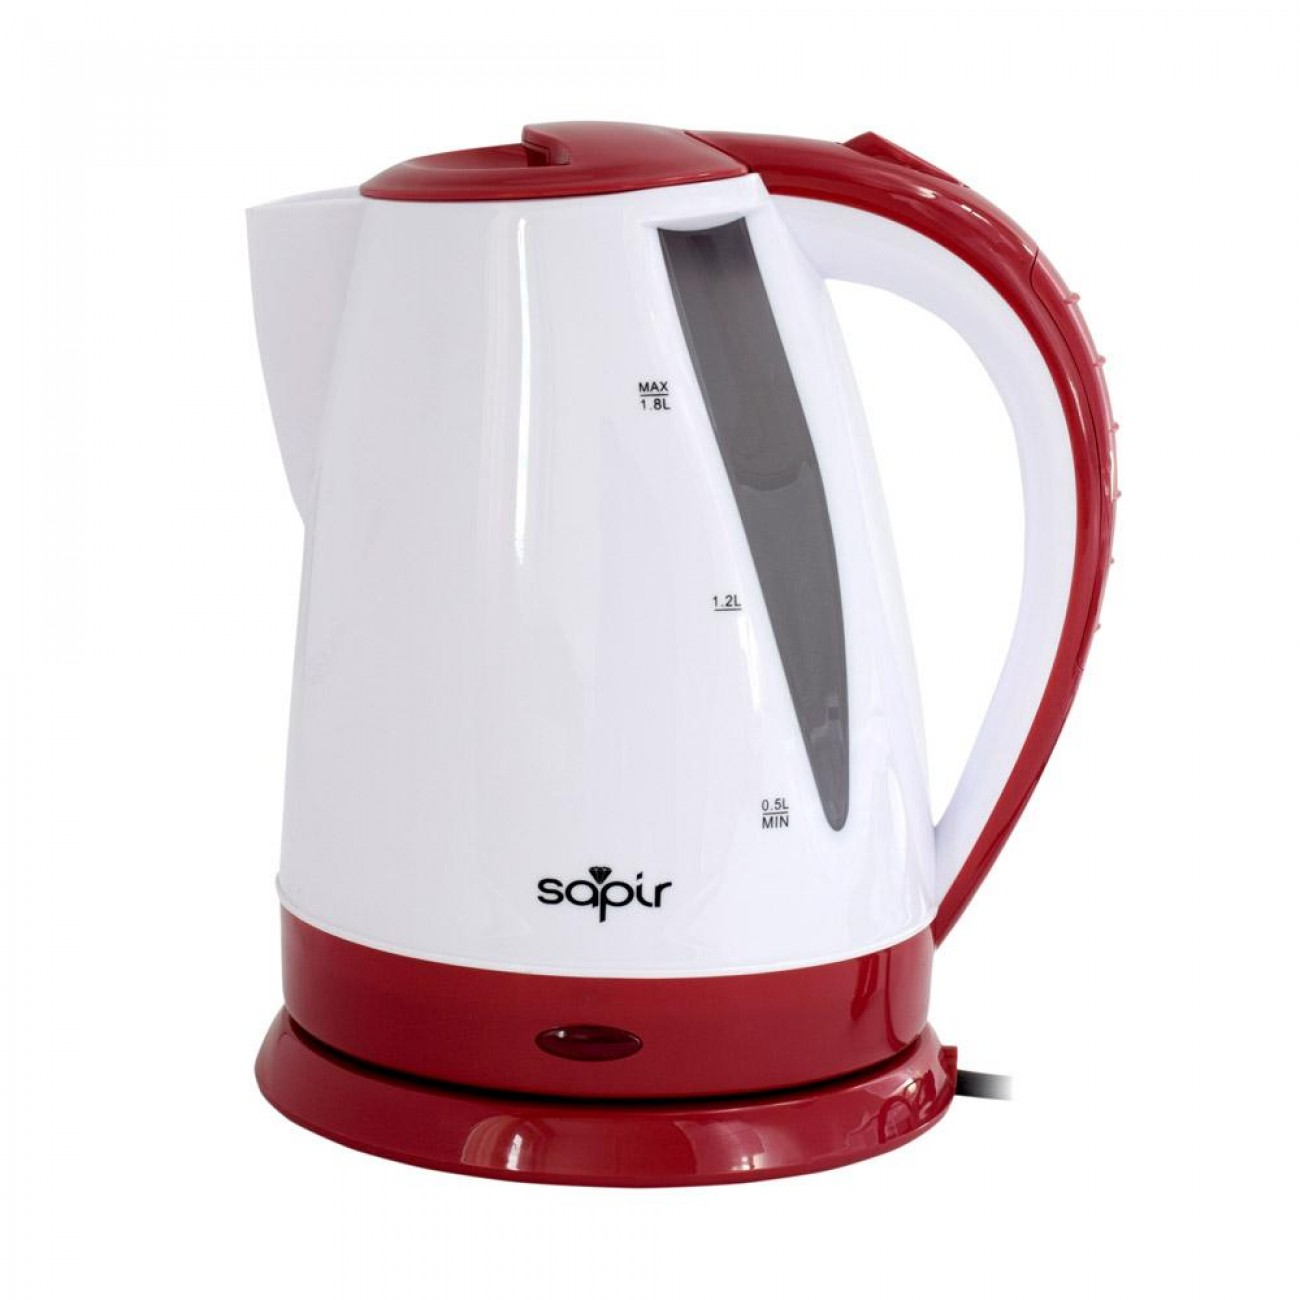 Електрическа кана SAPIR SP 1230 B, 1800W, 1.8 литра, Бял/червен в Електрически кани - SAPIR | Alleop